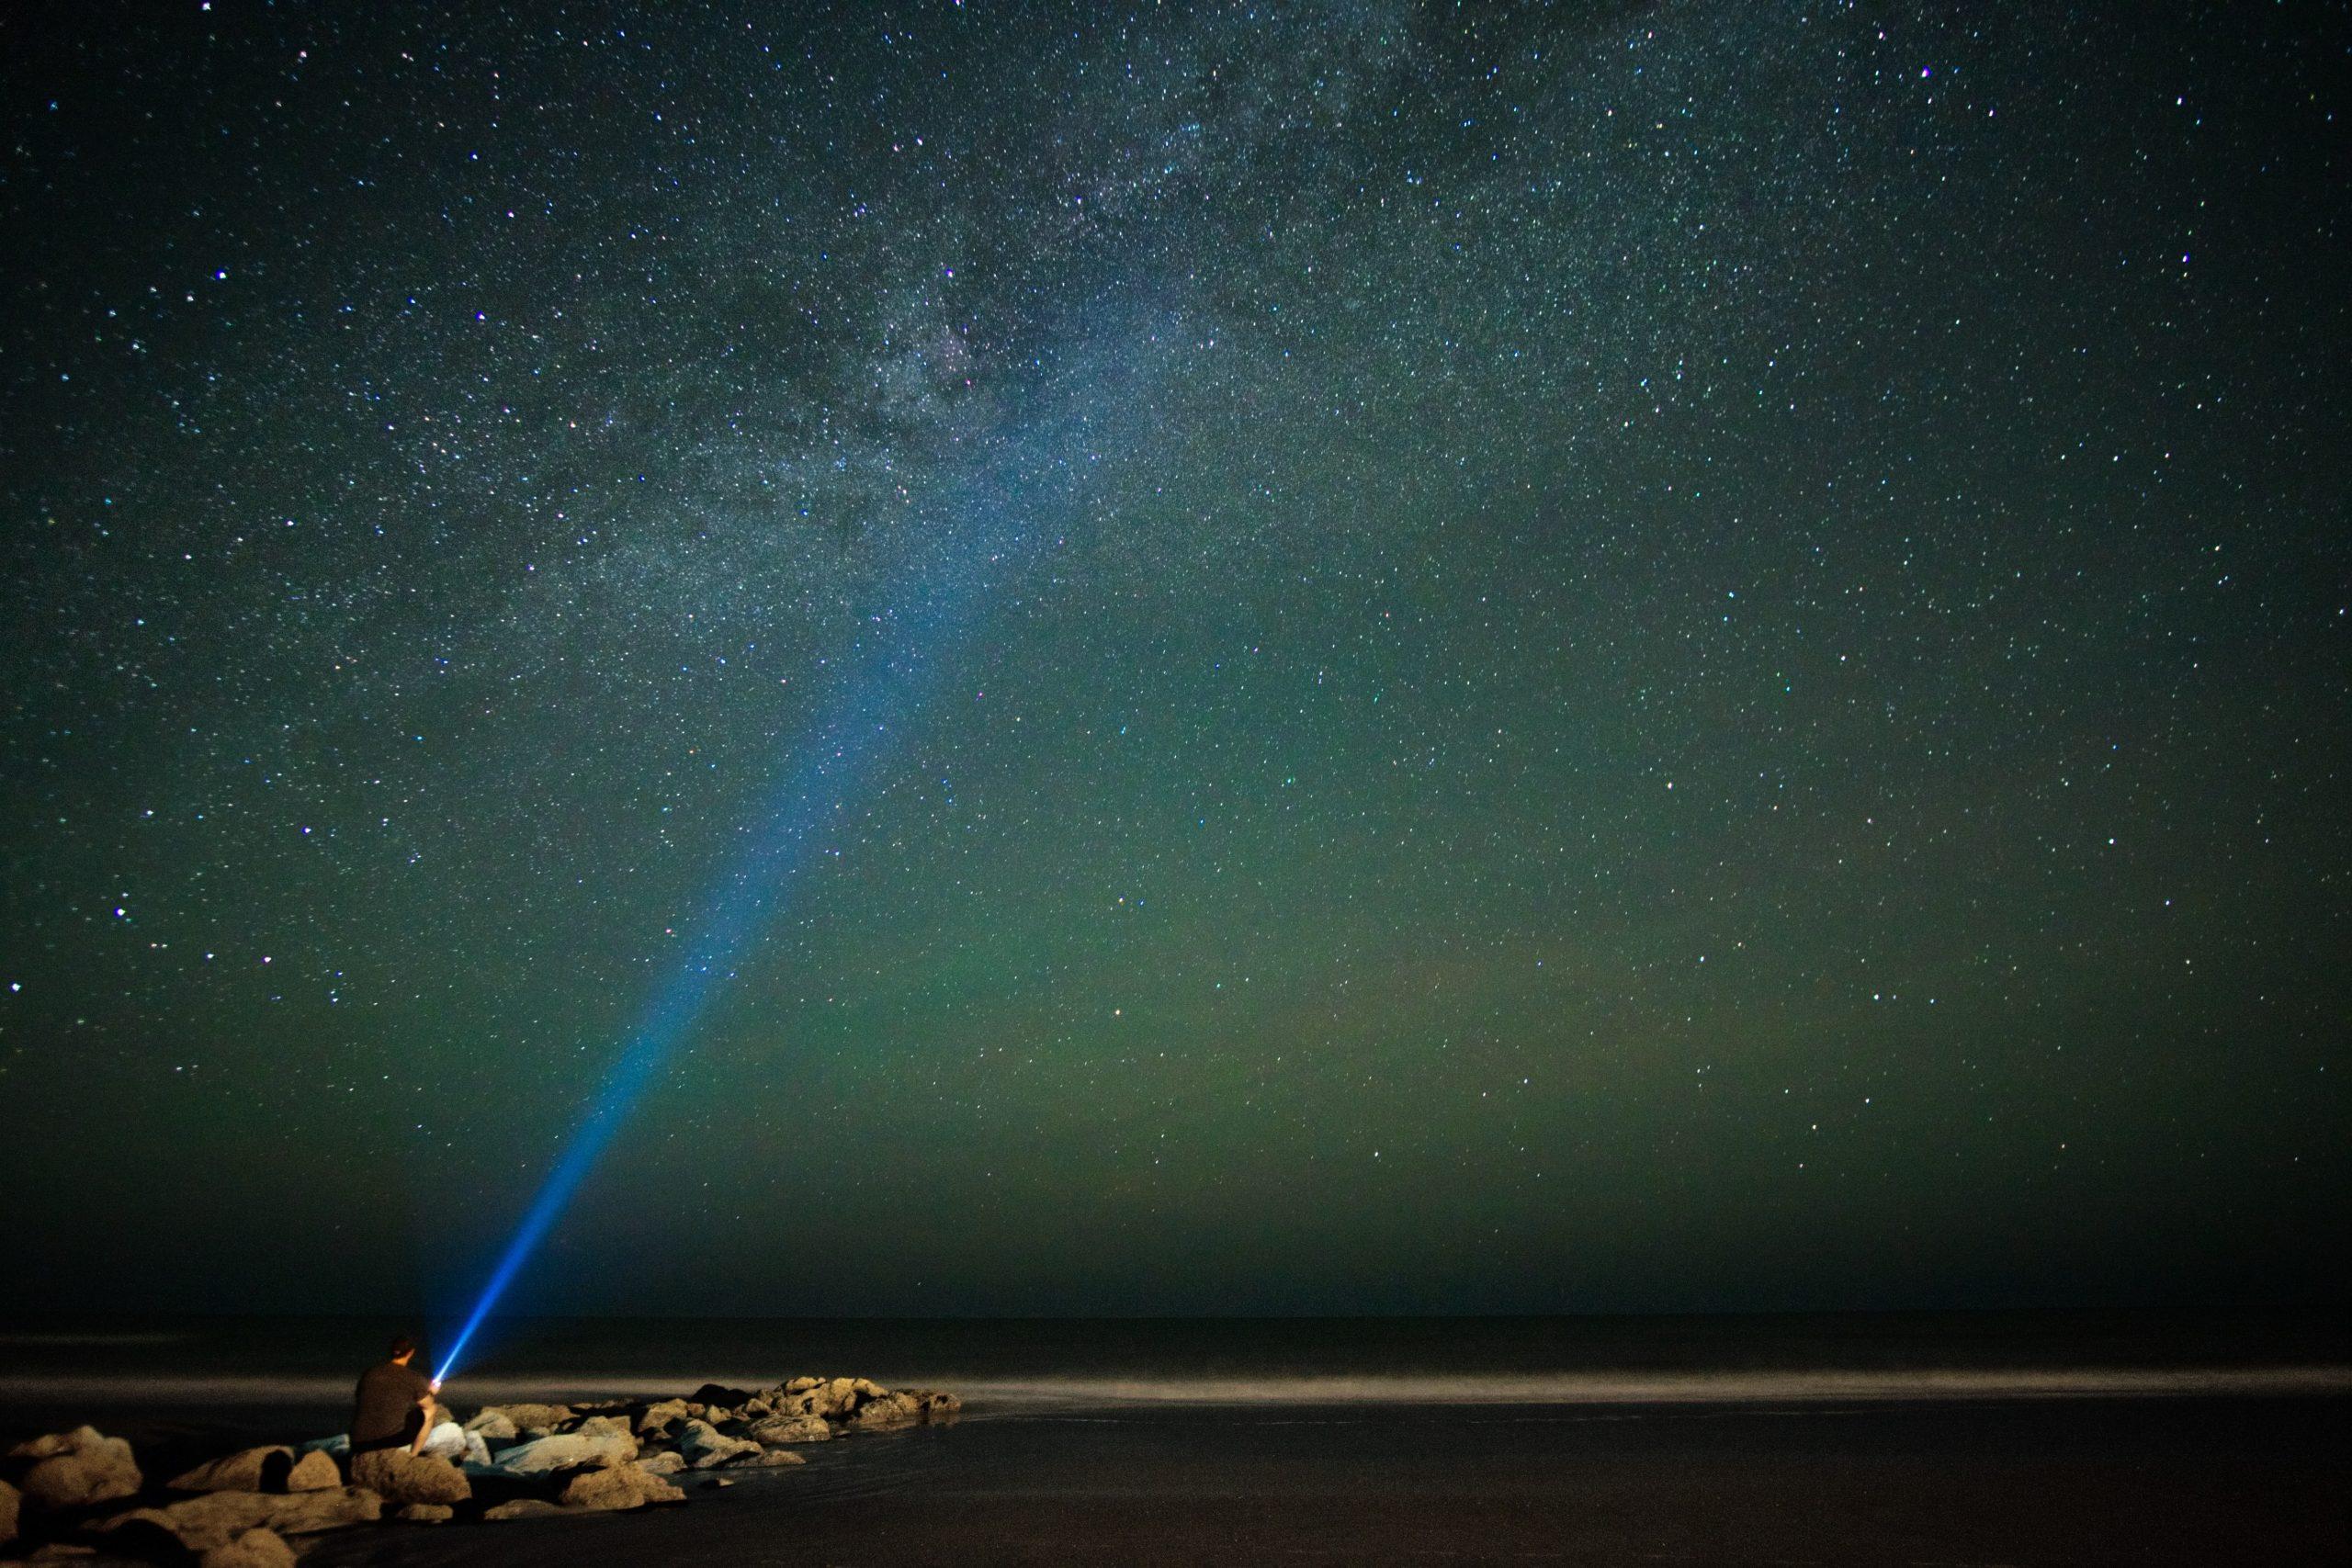 Na foto um homem sentado na beira do mar com uma lanterna acesa.